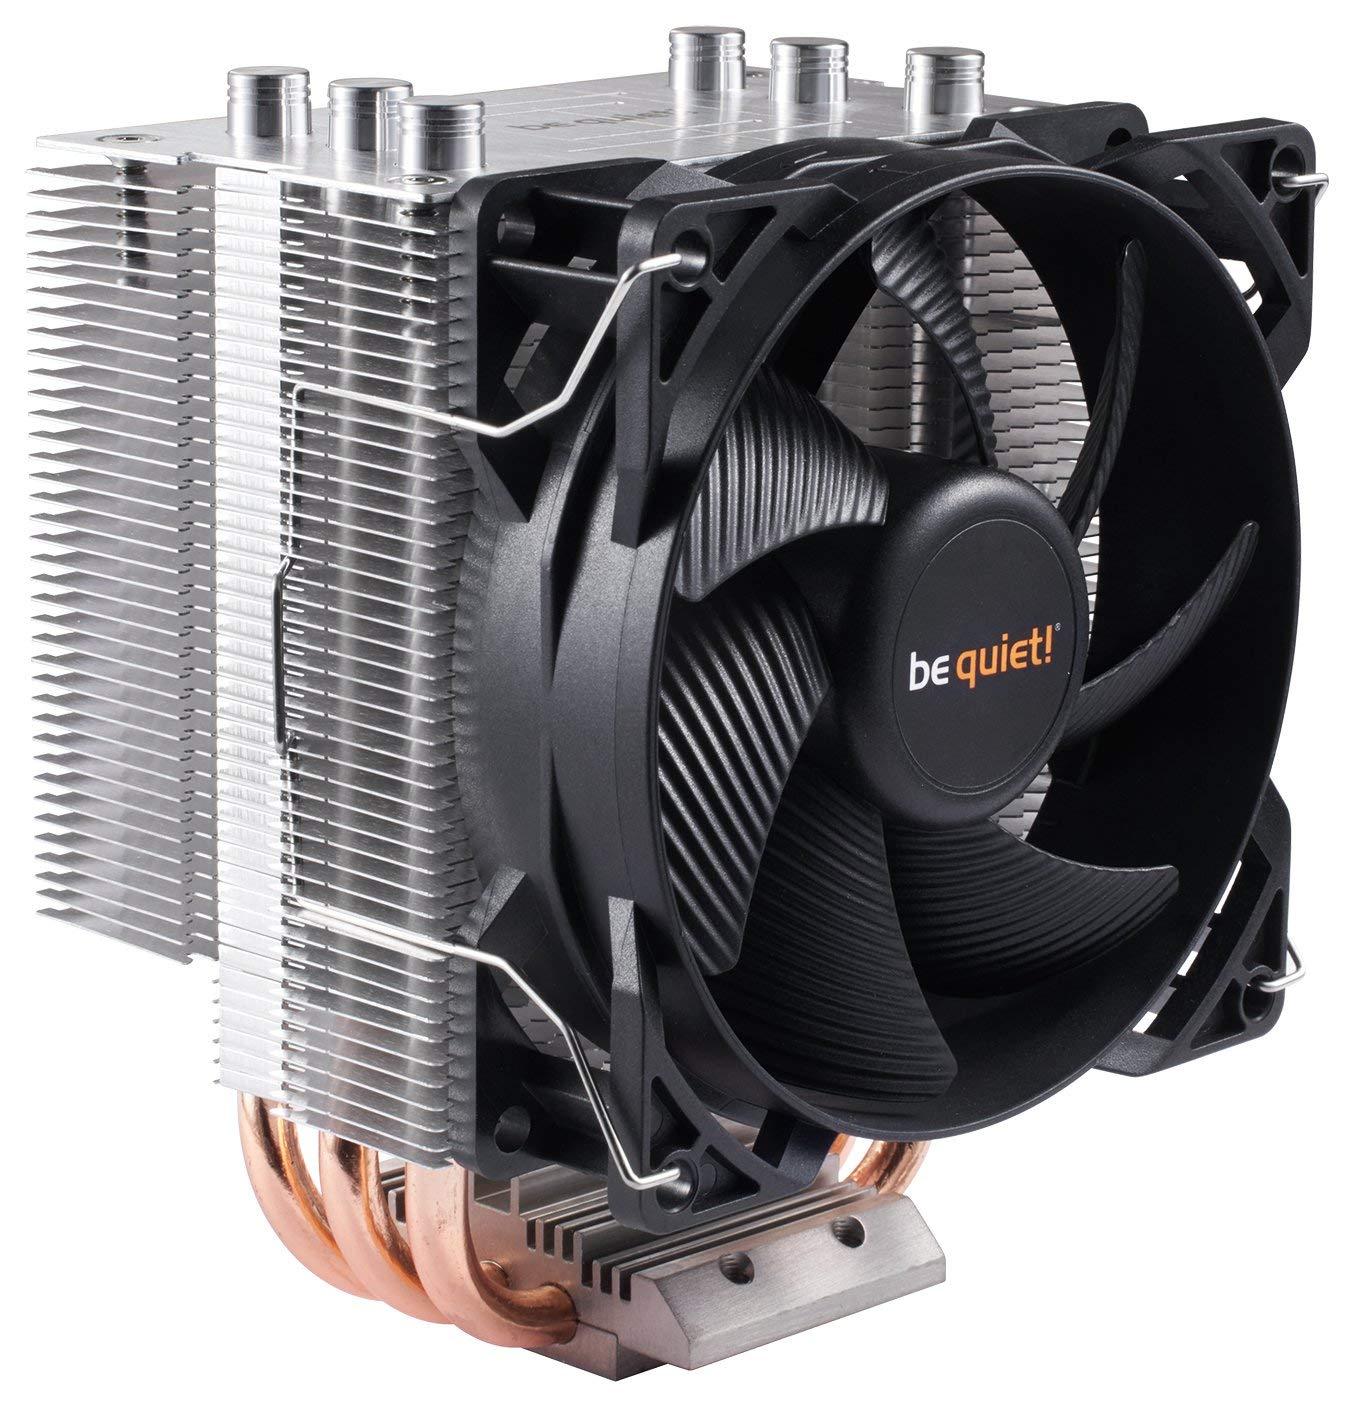 BE QUIET! BK008 Pure Rock Slim Heatsink & Fan (Intel & AMD Sockets) £17.99 at Amazon (+£4.49 Non Prime)